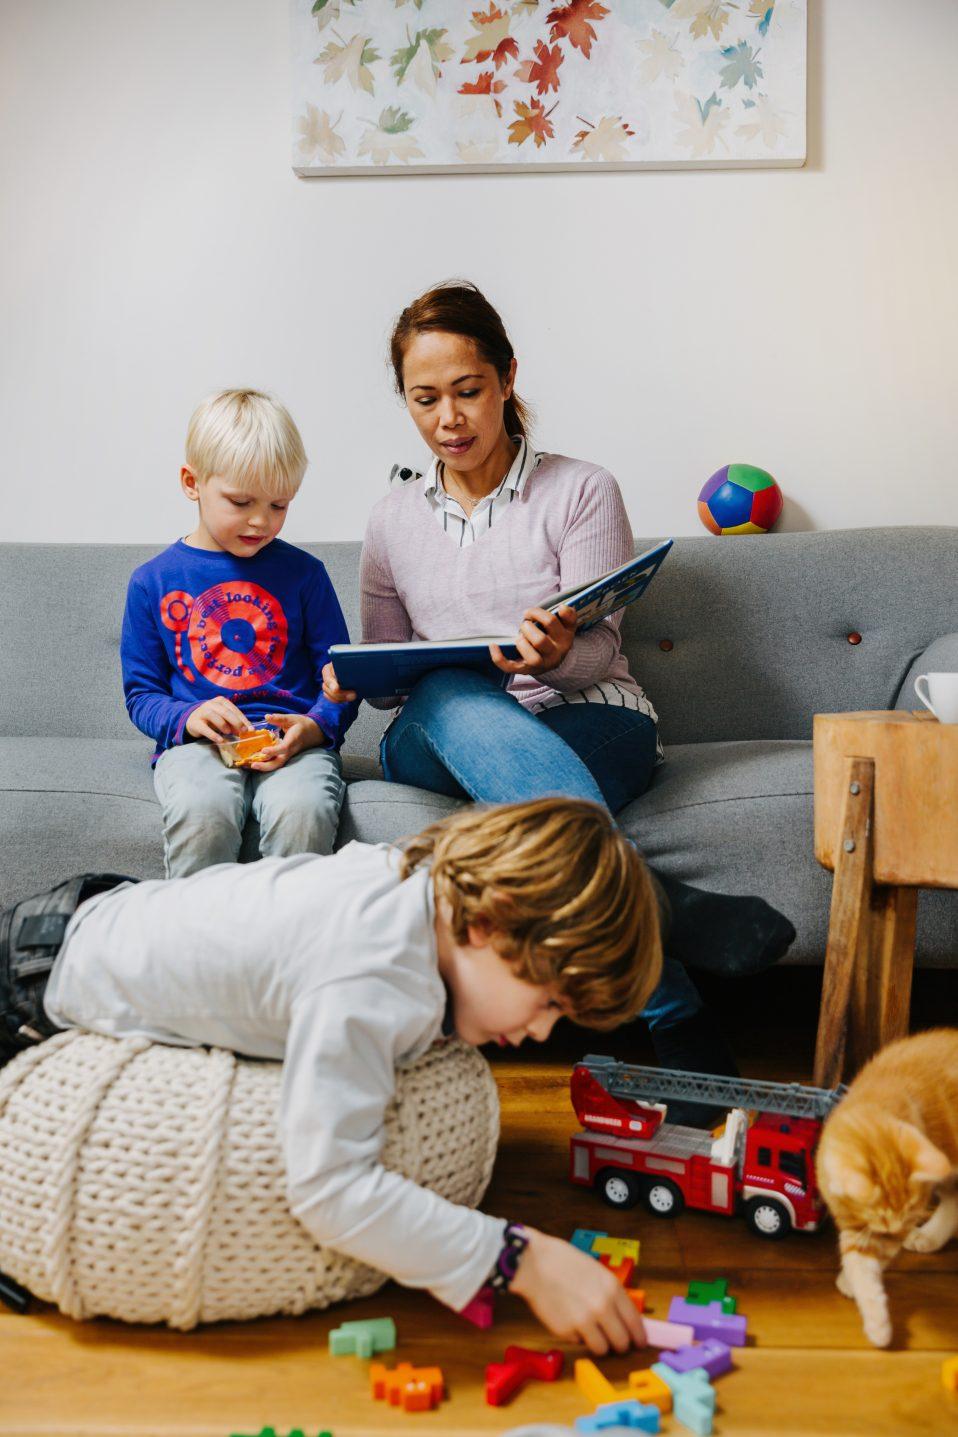 vrouw leest voor aan kind en jongen speelt op de grond